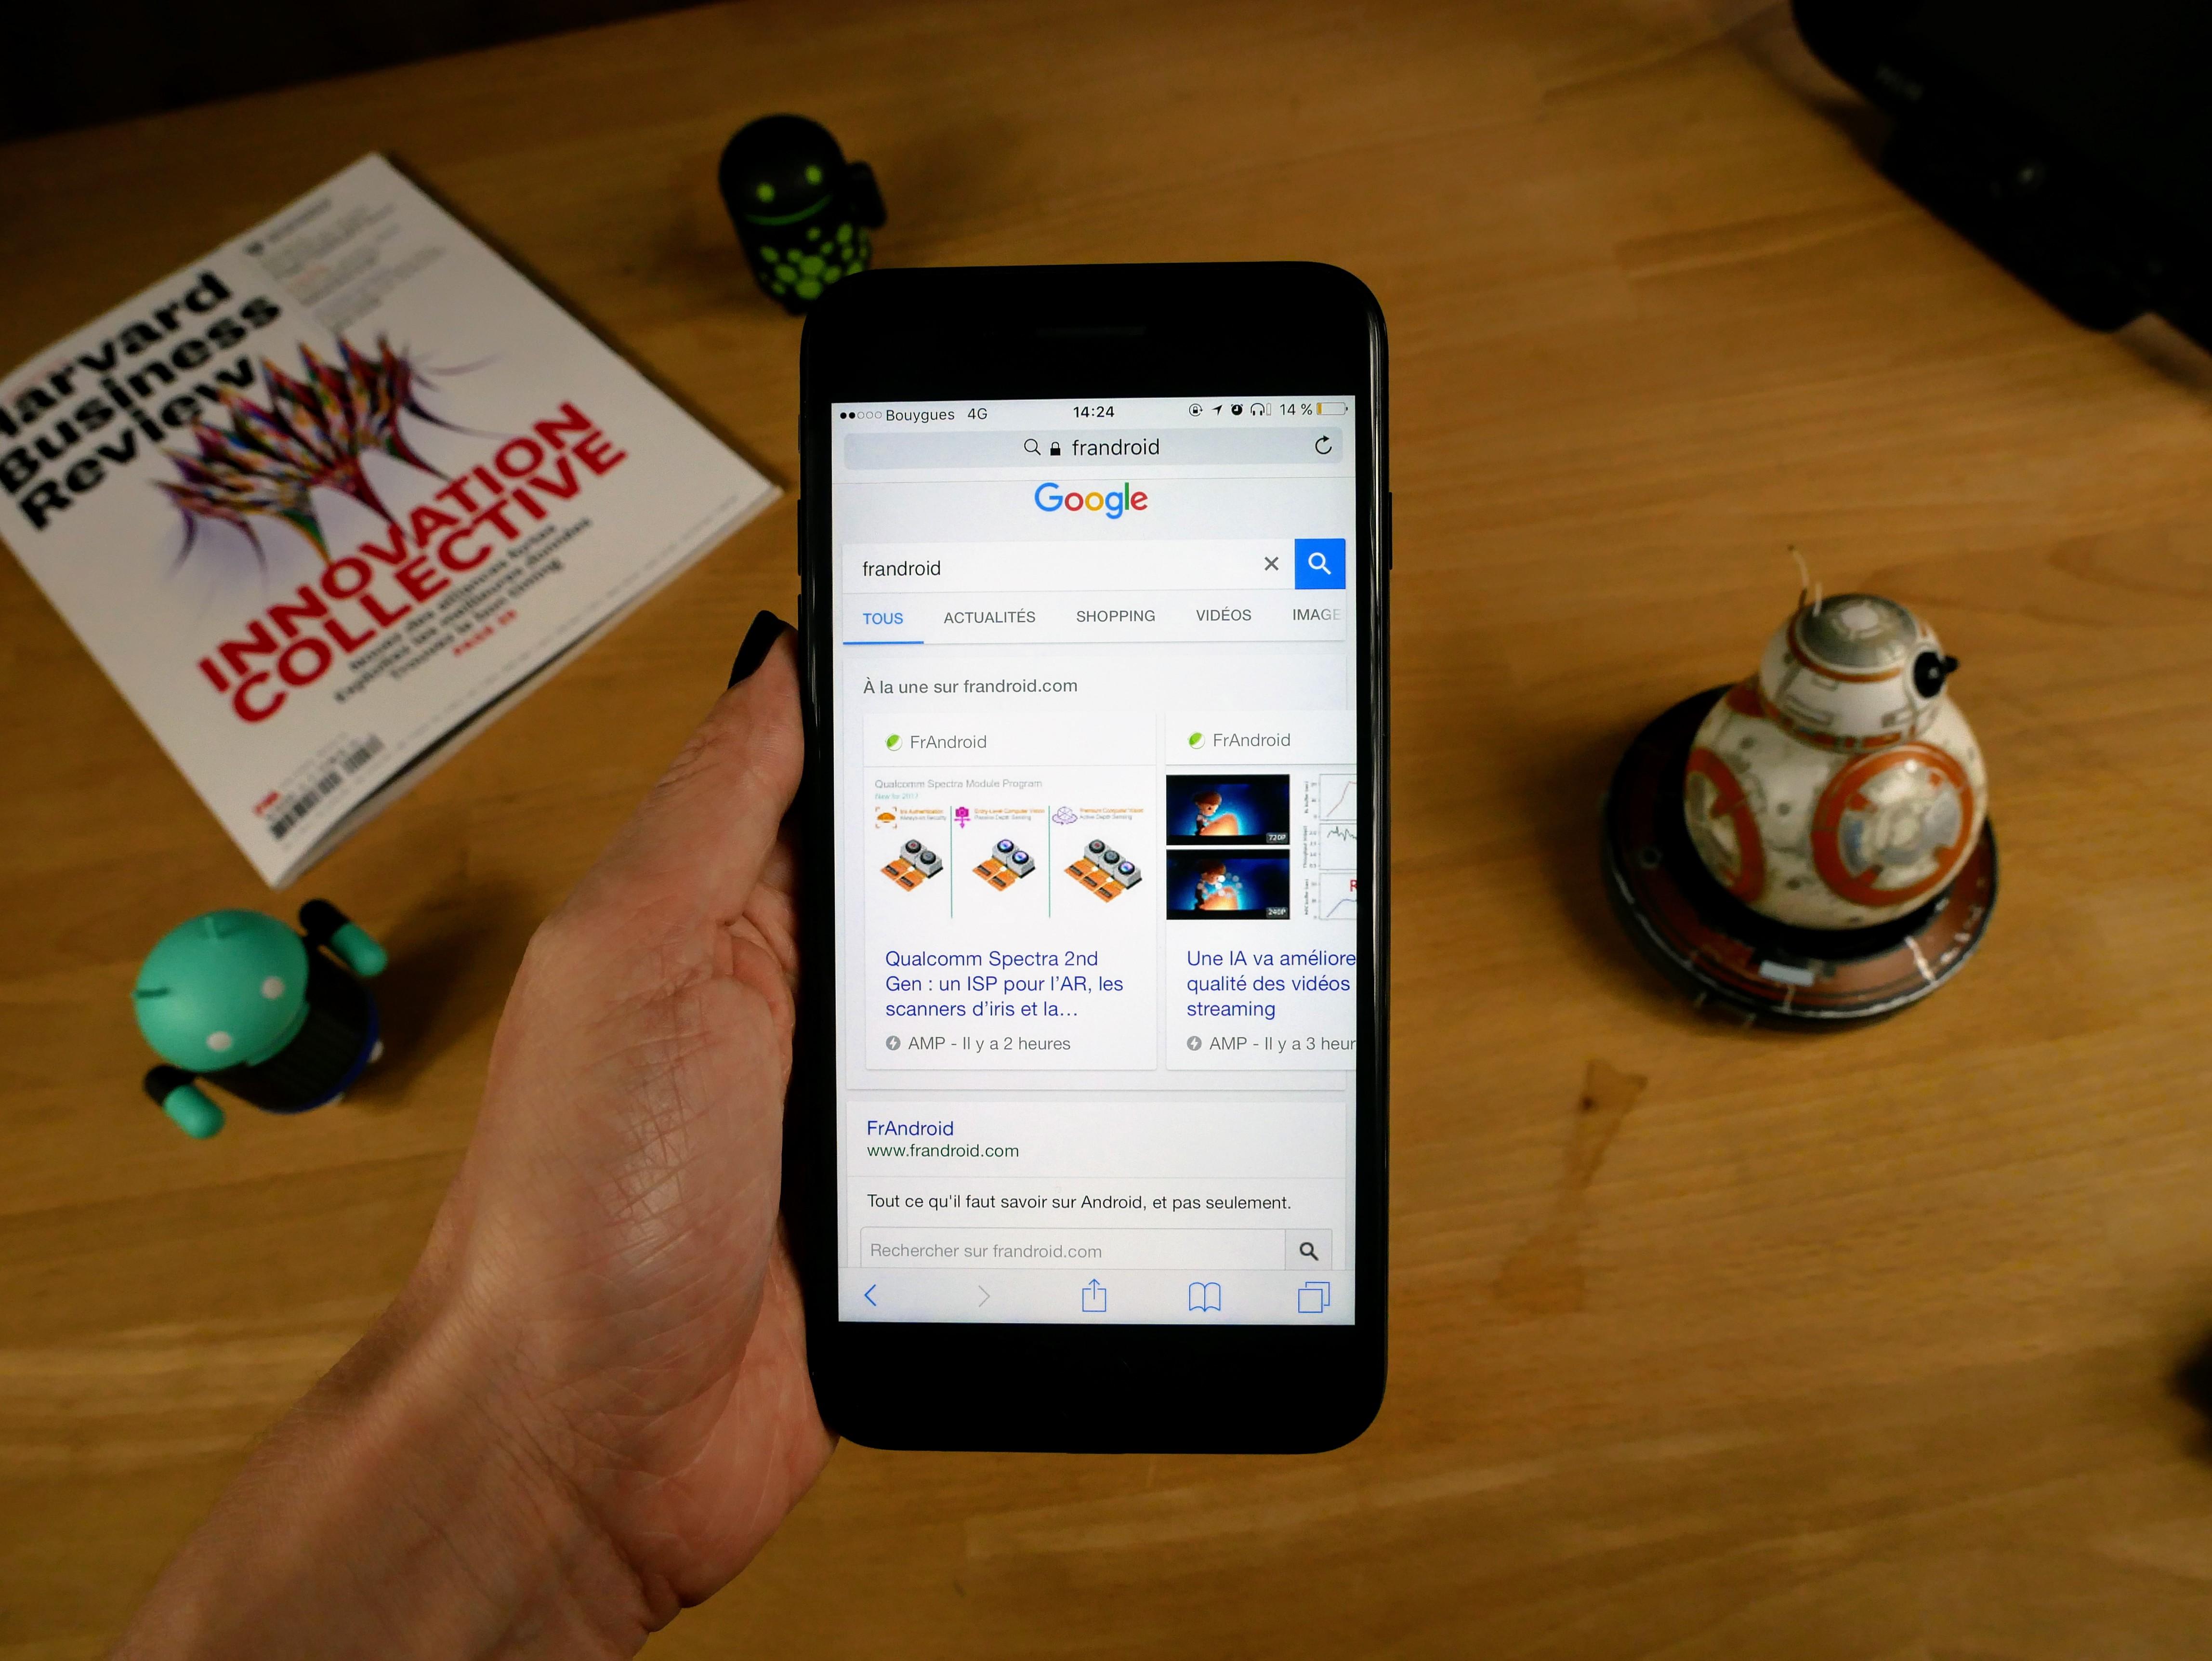 Google paie très cher Apple pour maintenir sa première place de moteur de recherche